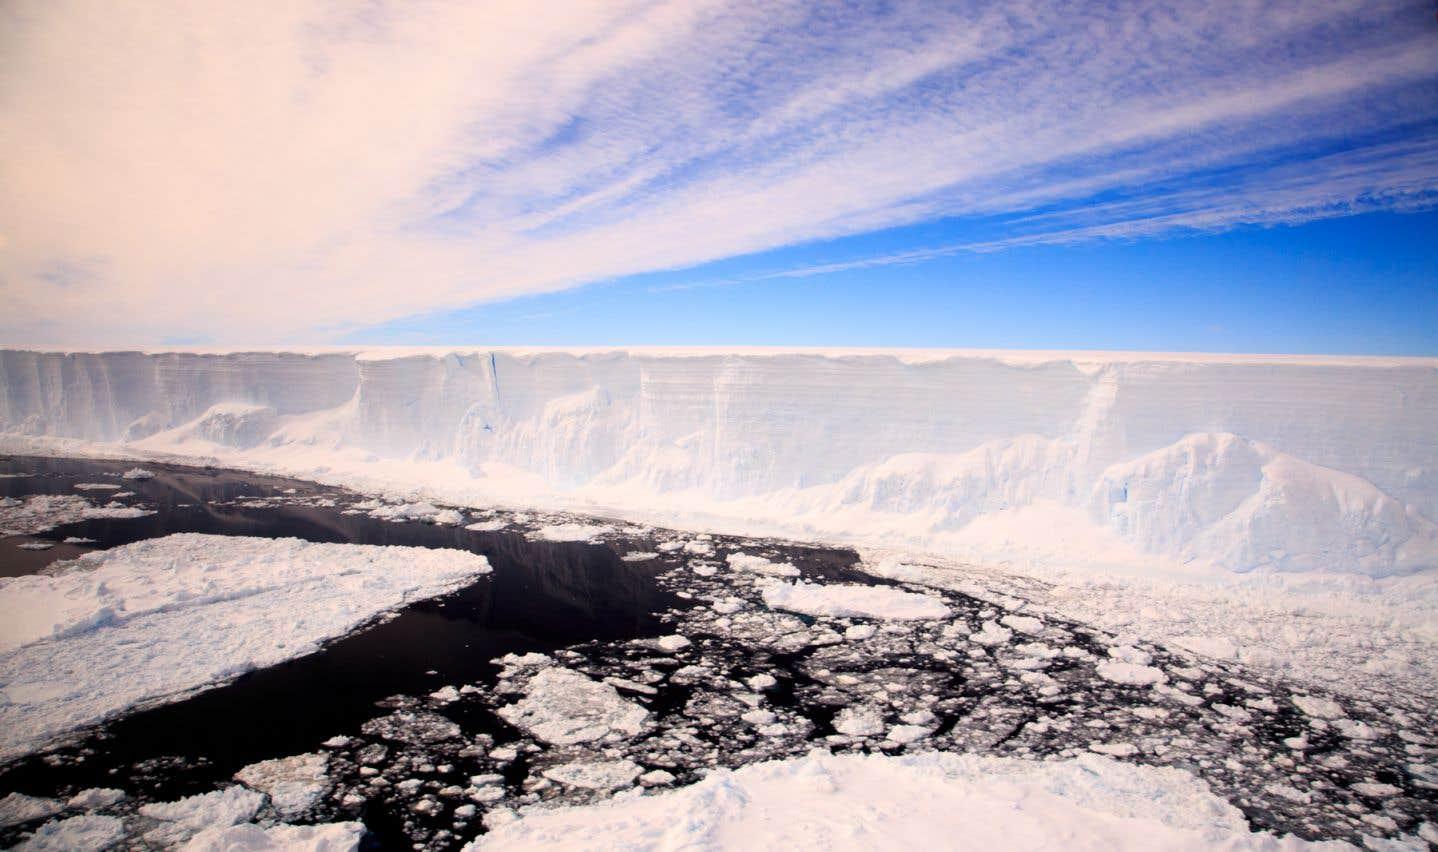 La superficie de la zone dégagée par la séparation de l'iceberg A68 équivaut à 13 fois l'île de Montréal.